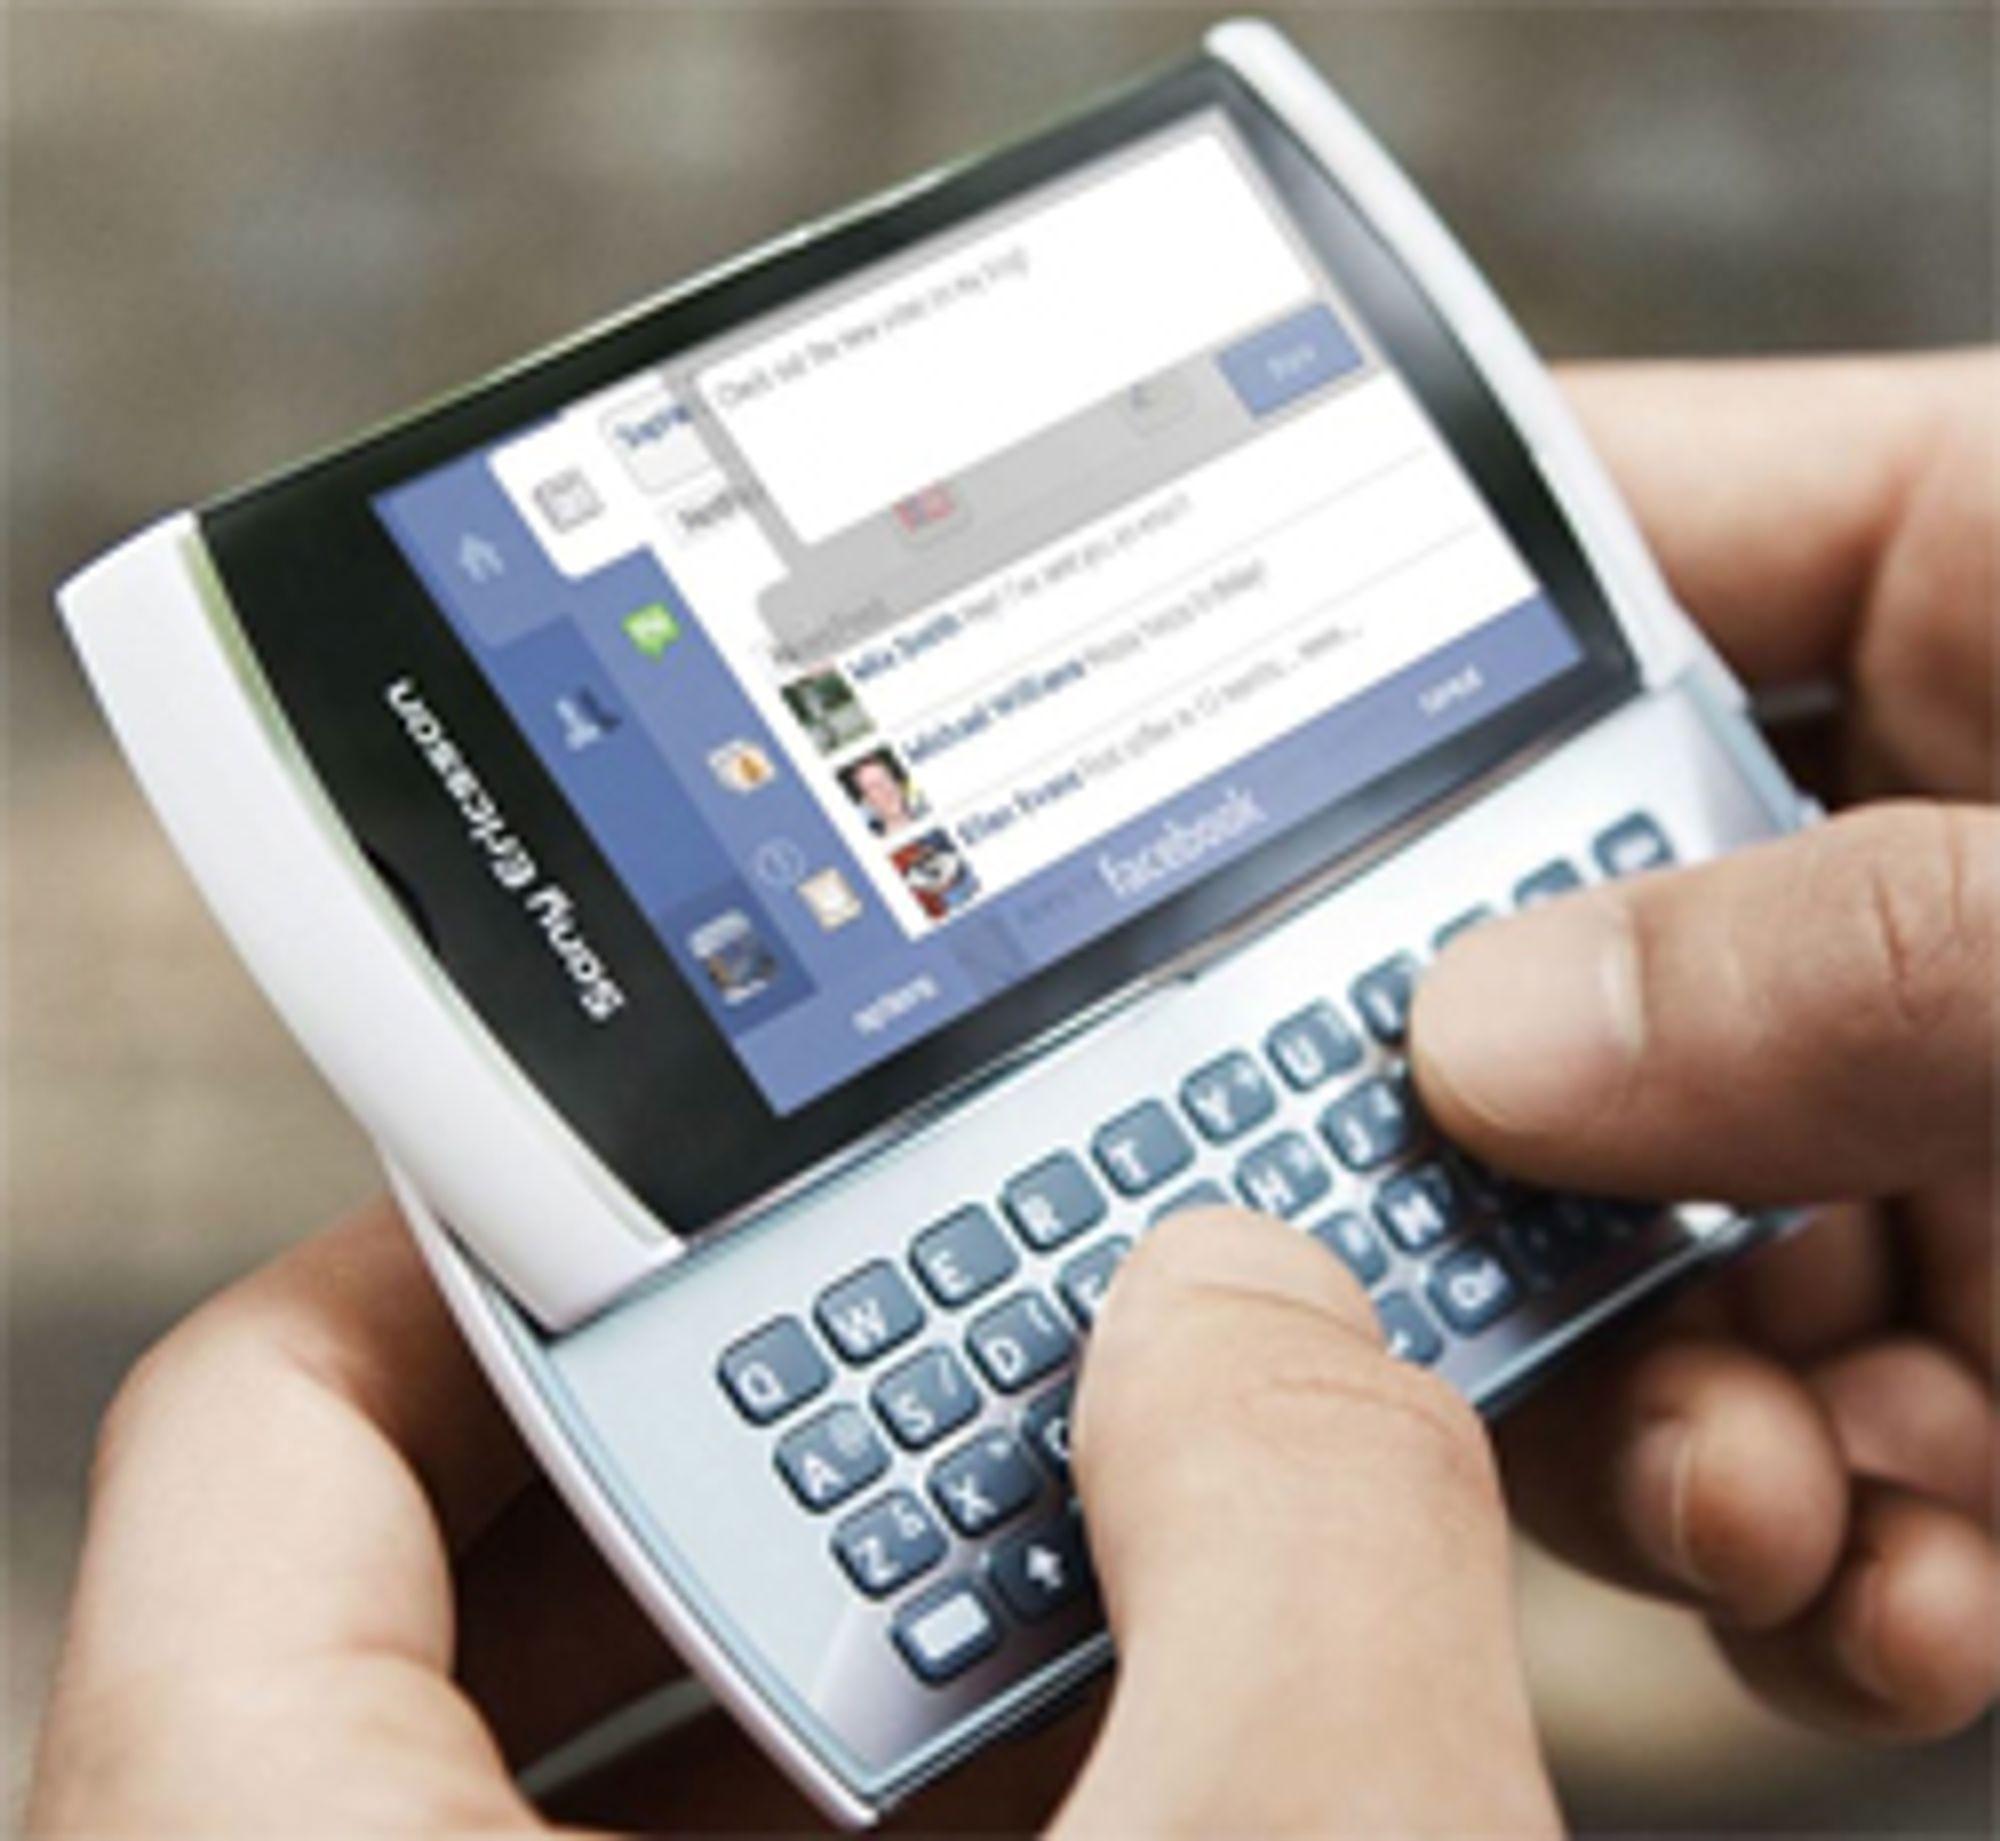 Sony Ericssons seneste mobil med Symbian, Vivaz Pro.